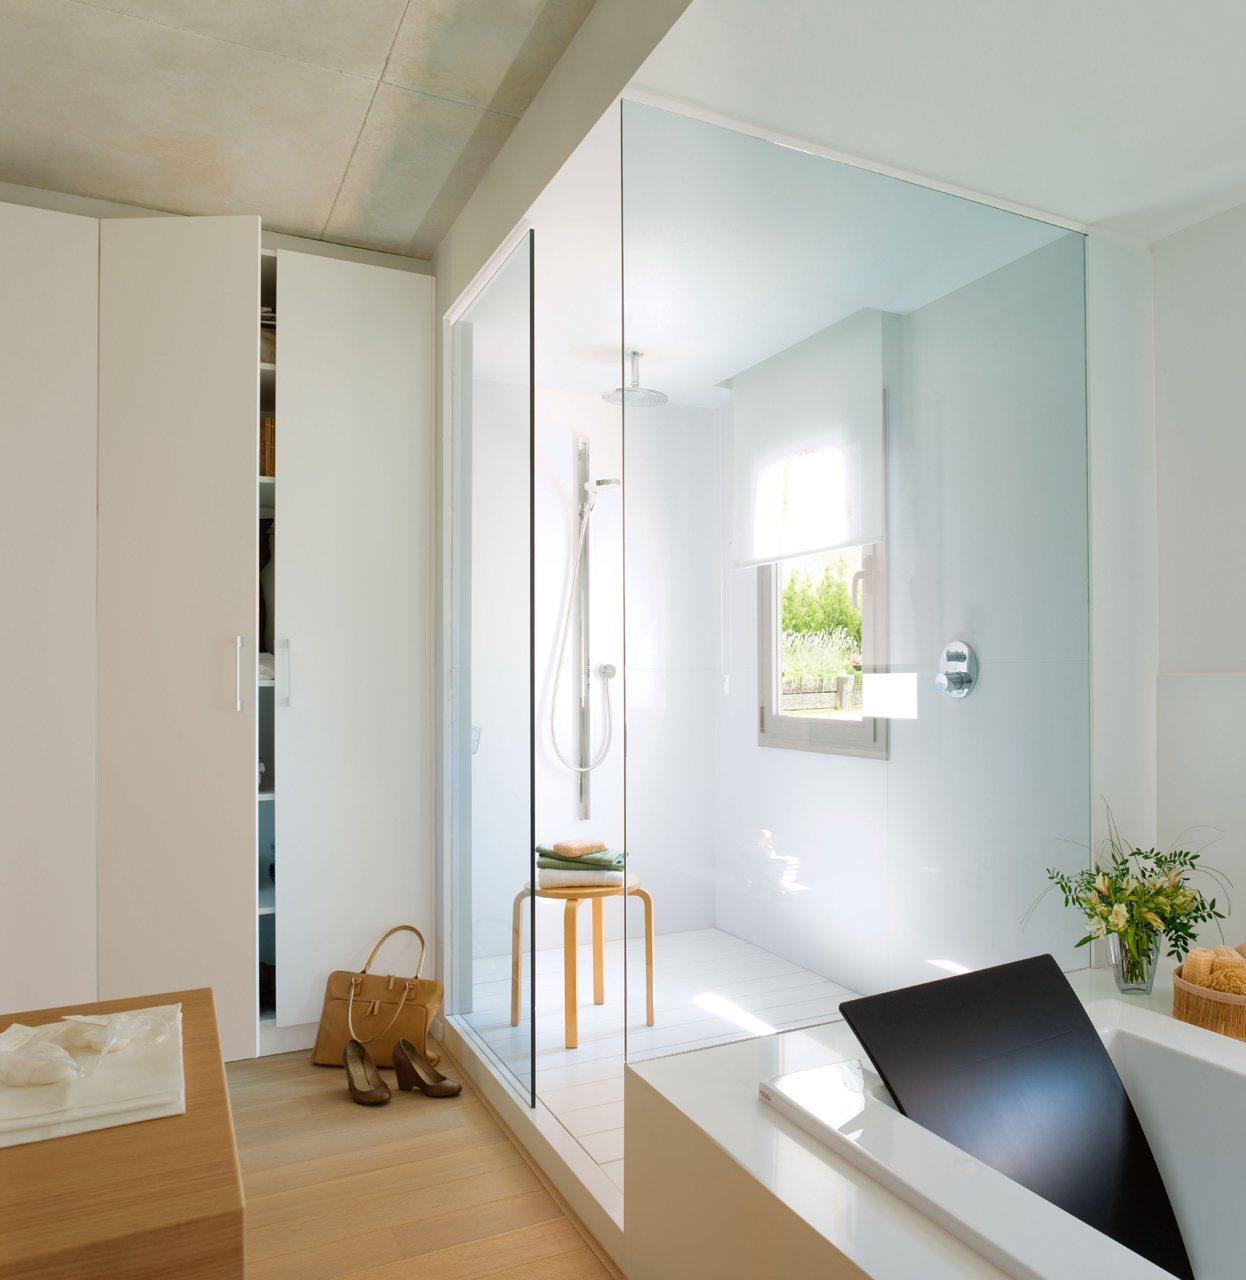 Un ba o luminoso y acogedor en blanco y madera - Baneras y duchas ...